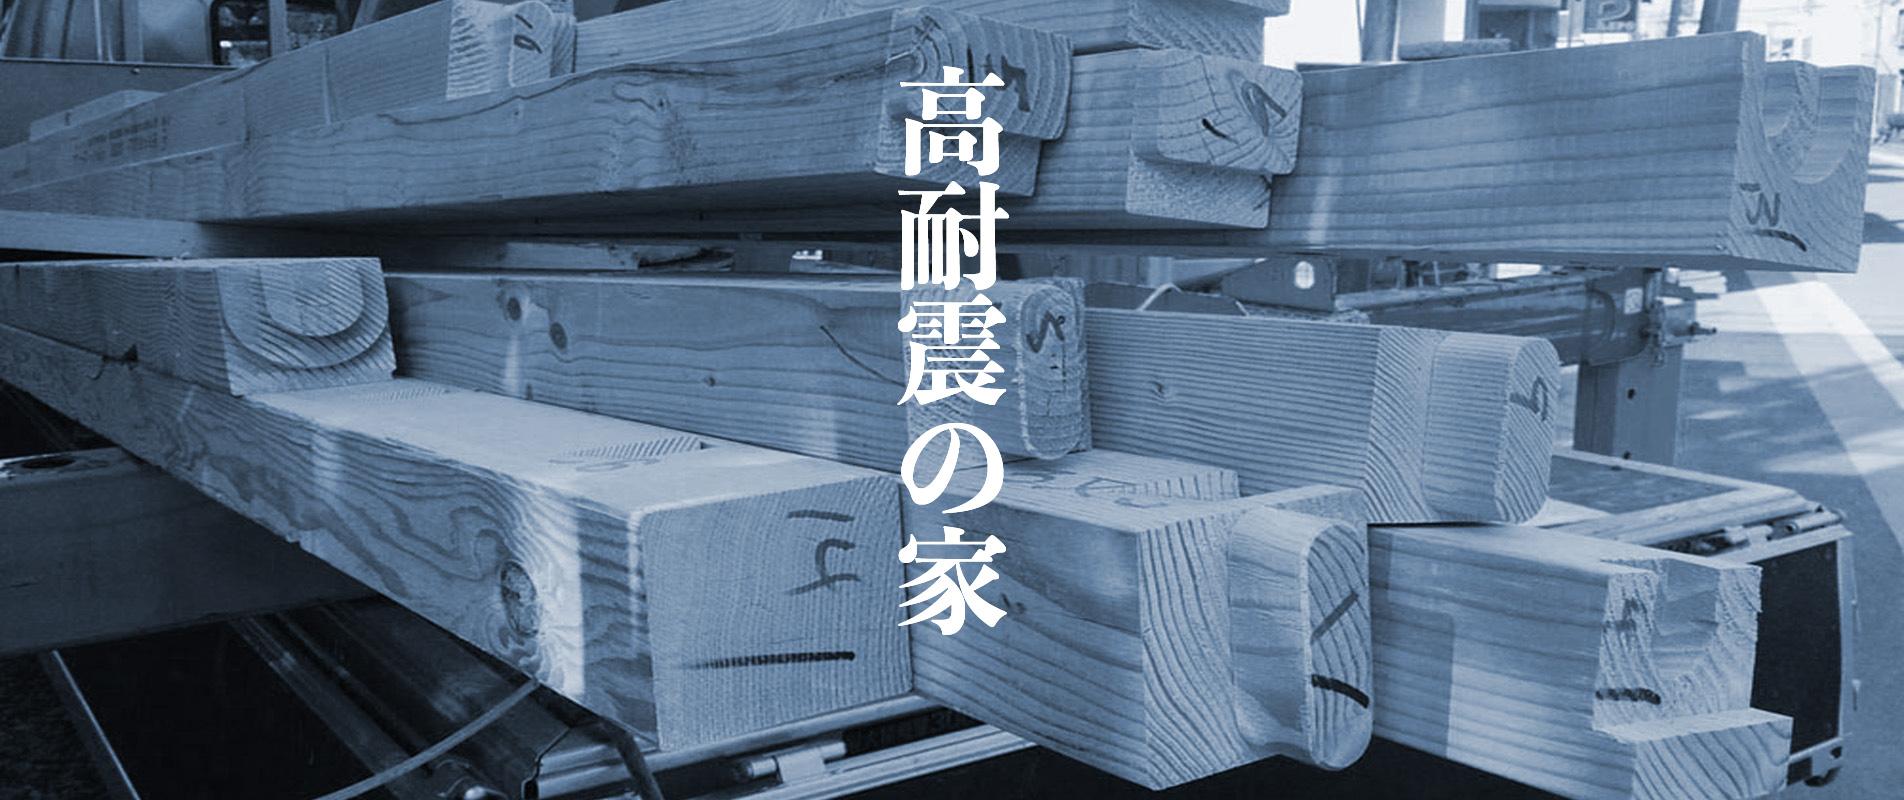 ギオンハウス高耐震